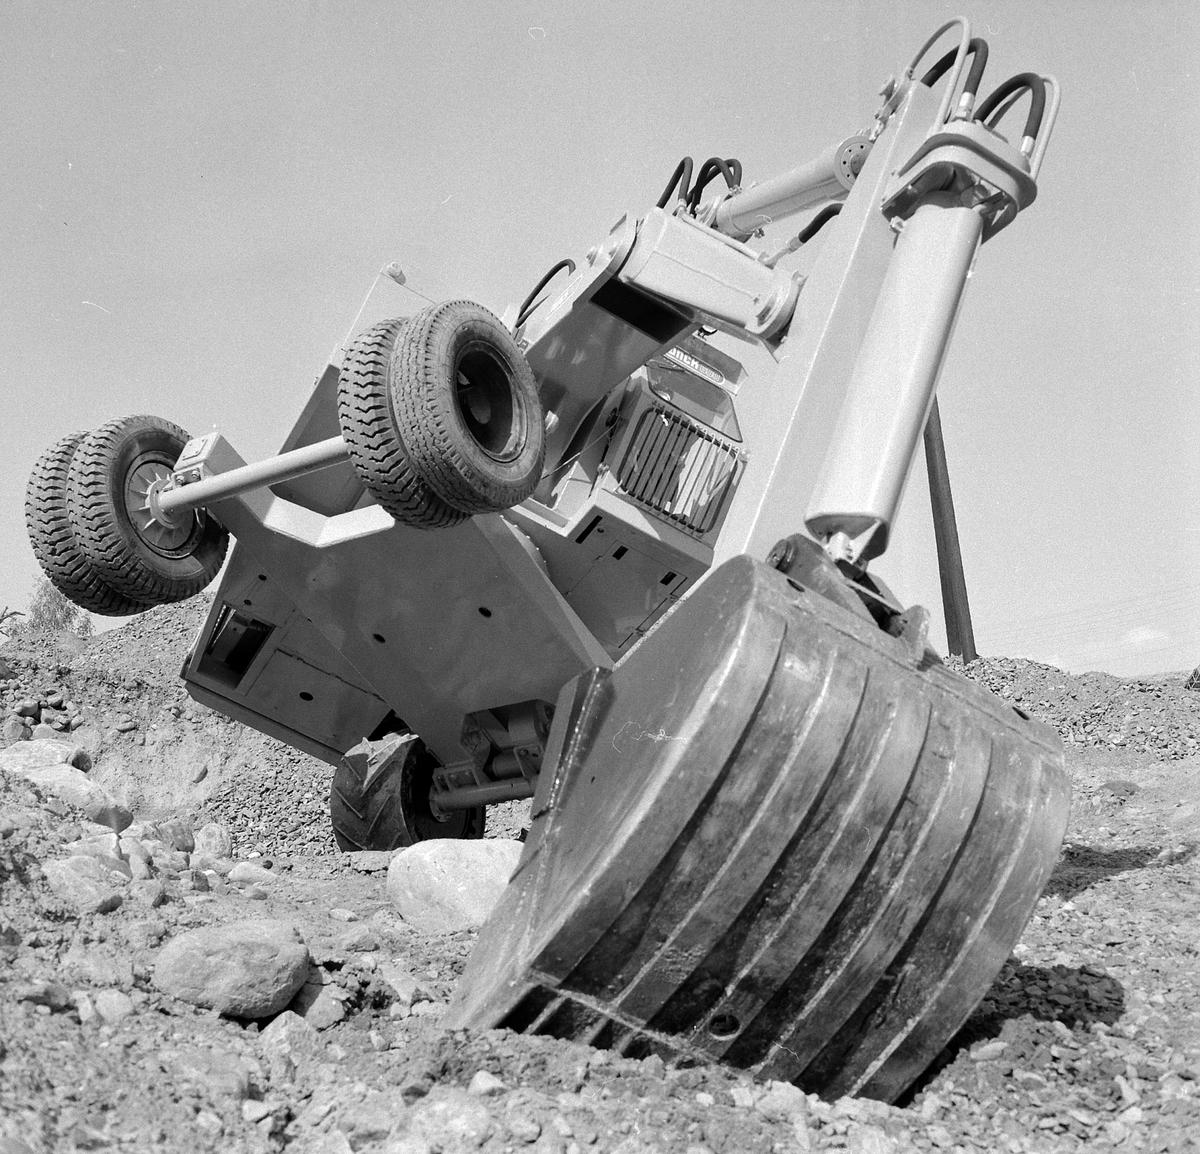 Munch gravemaskin med samme type understell som Brøyt. Forflytting hovedsakelig ved hjelp av grabben. Men Munch hadde drift på jernhjulene i motsetning til brøyt, funksjonevnen var ikke stor på en stiv aksel.